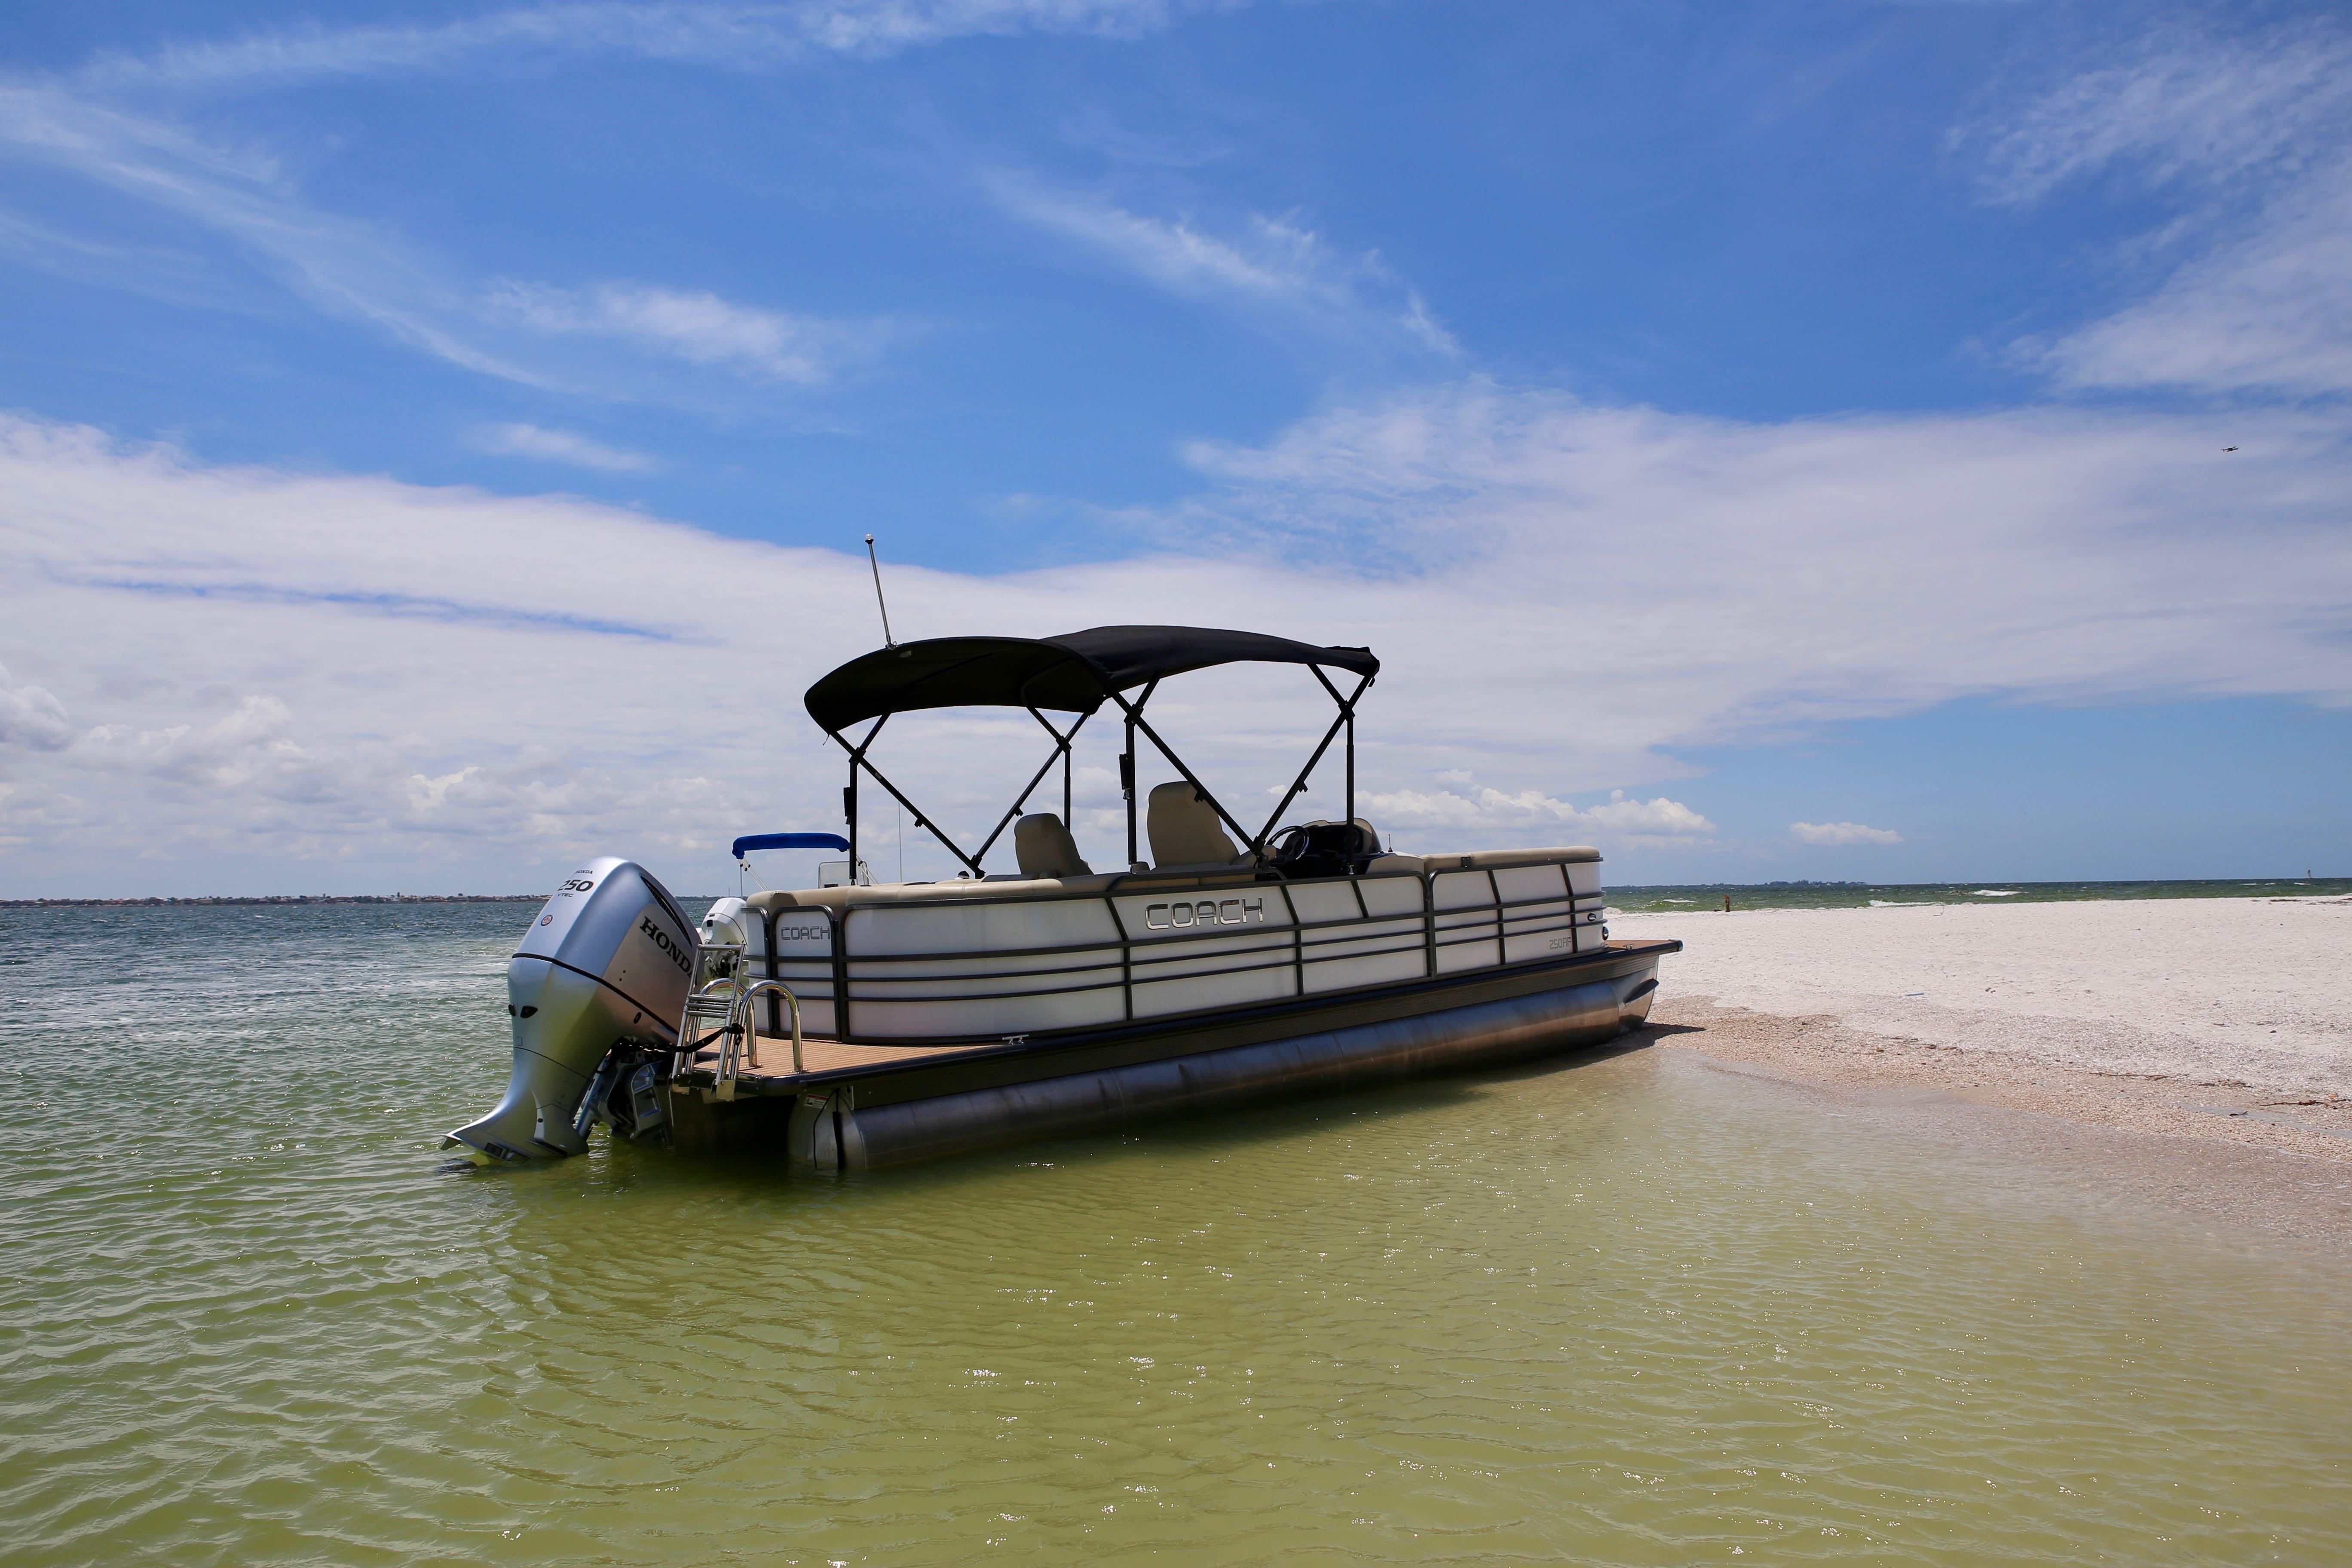 boat at bci - 1.jpg